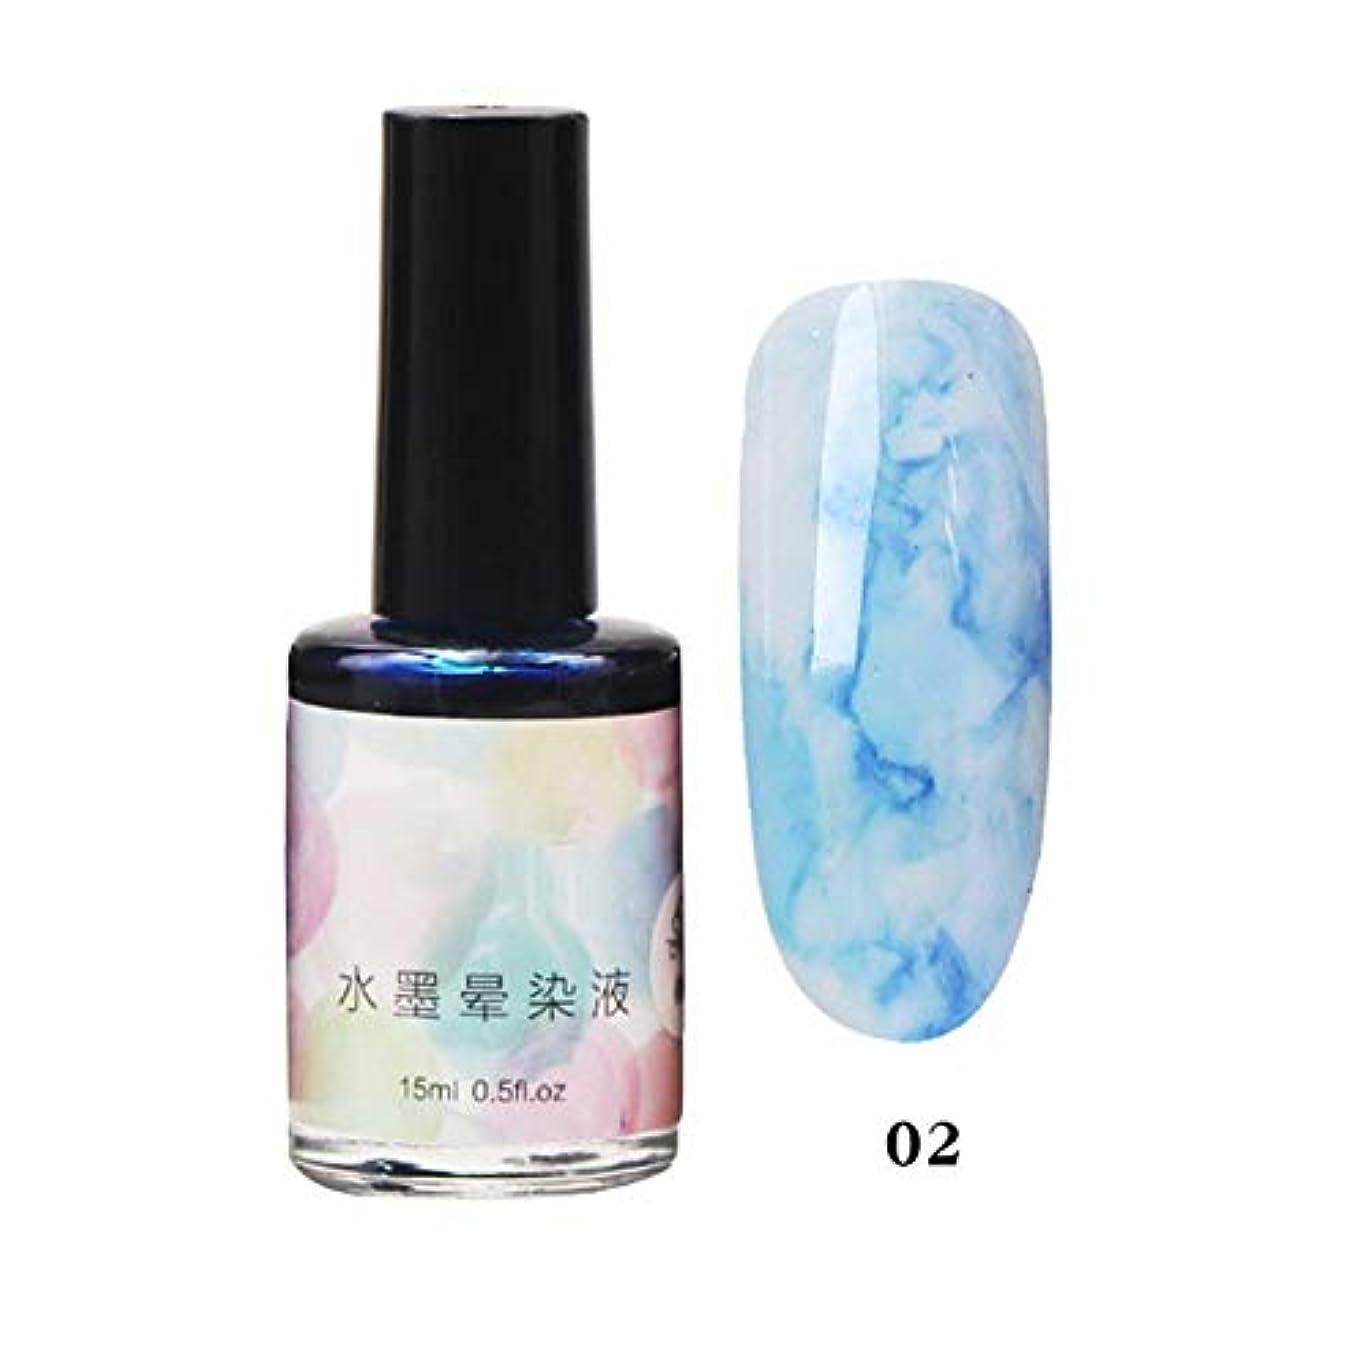 ごみ連鎖ロビー11色選べる ネイルポリッシュ マニキュア ネイルアート 美しい 水墨柄 ネイルカラー 液体 爪に塗って乾かす 初心者でも簡単に使用できる junexi